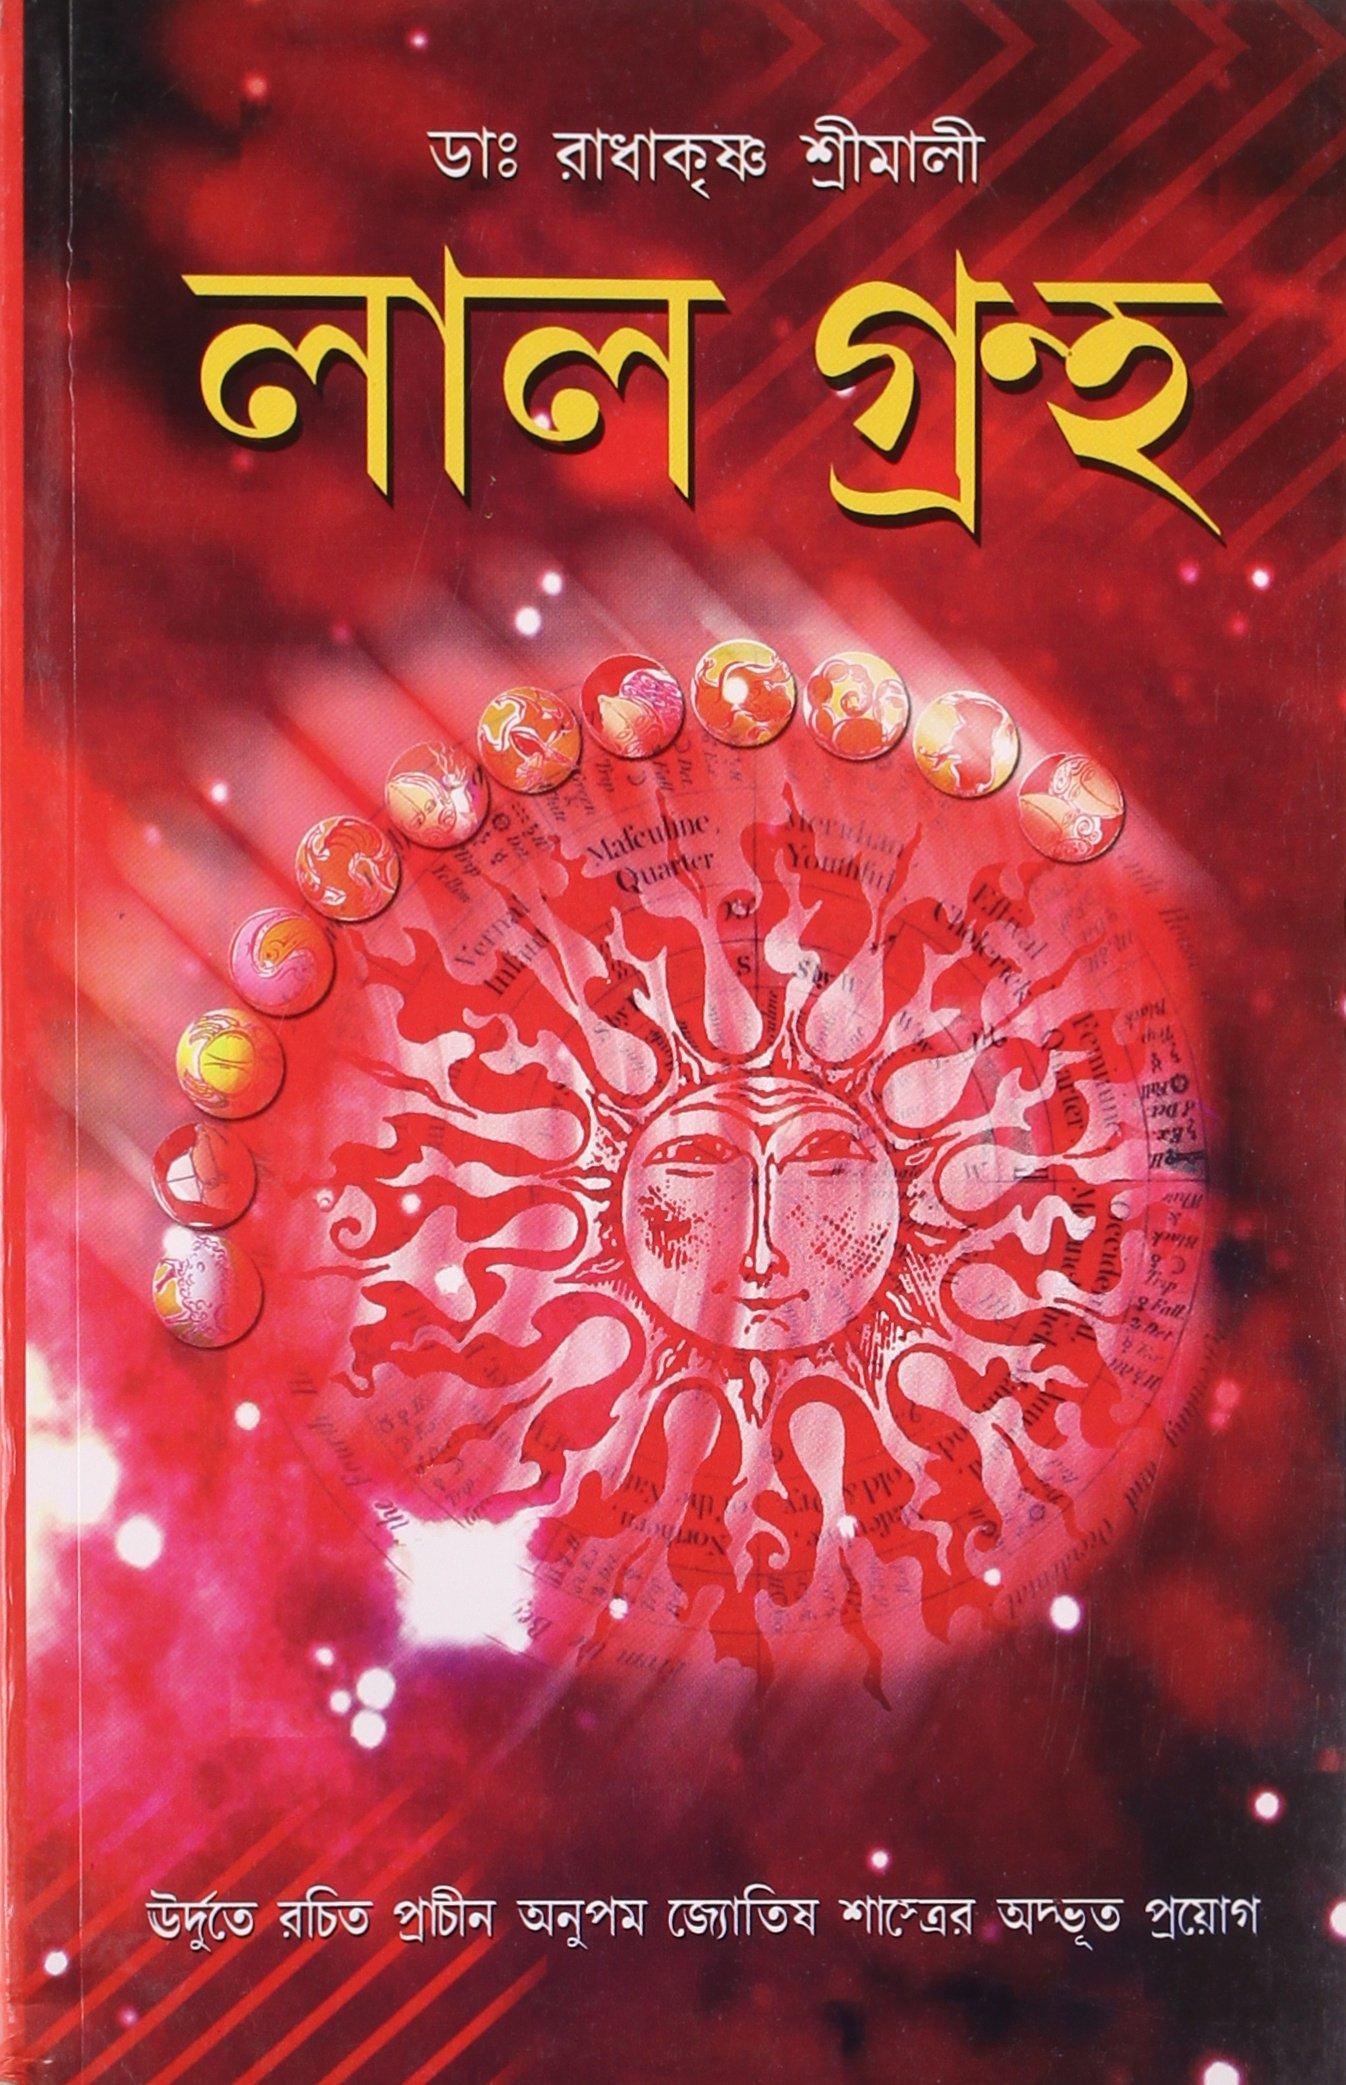 Lal Kitab Book In Bengali Pdf